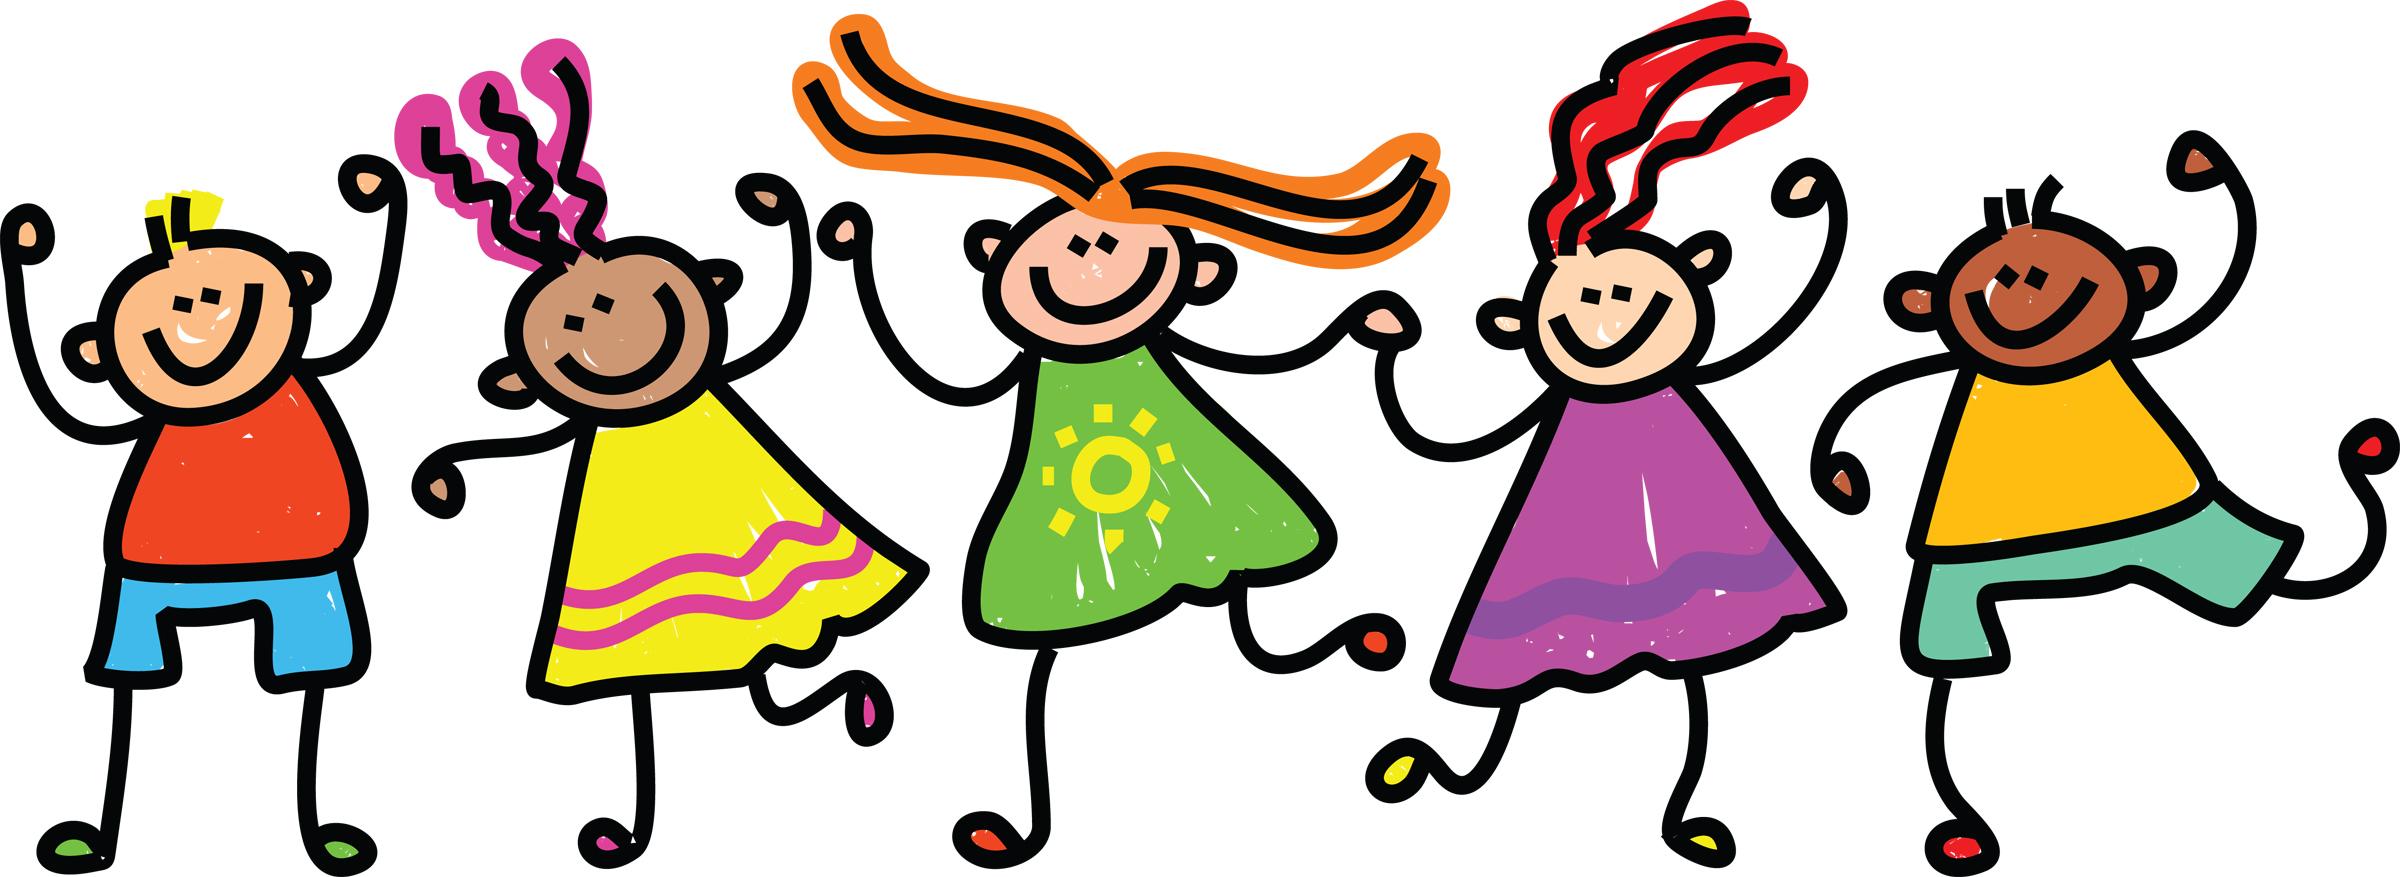 Dancing clipart children's. Dance class clip art